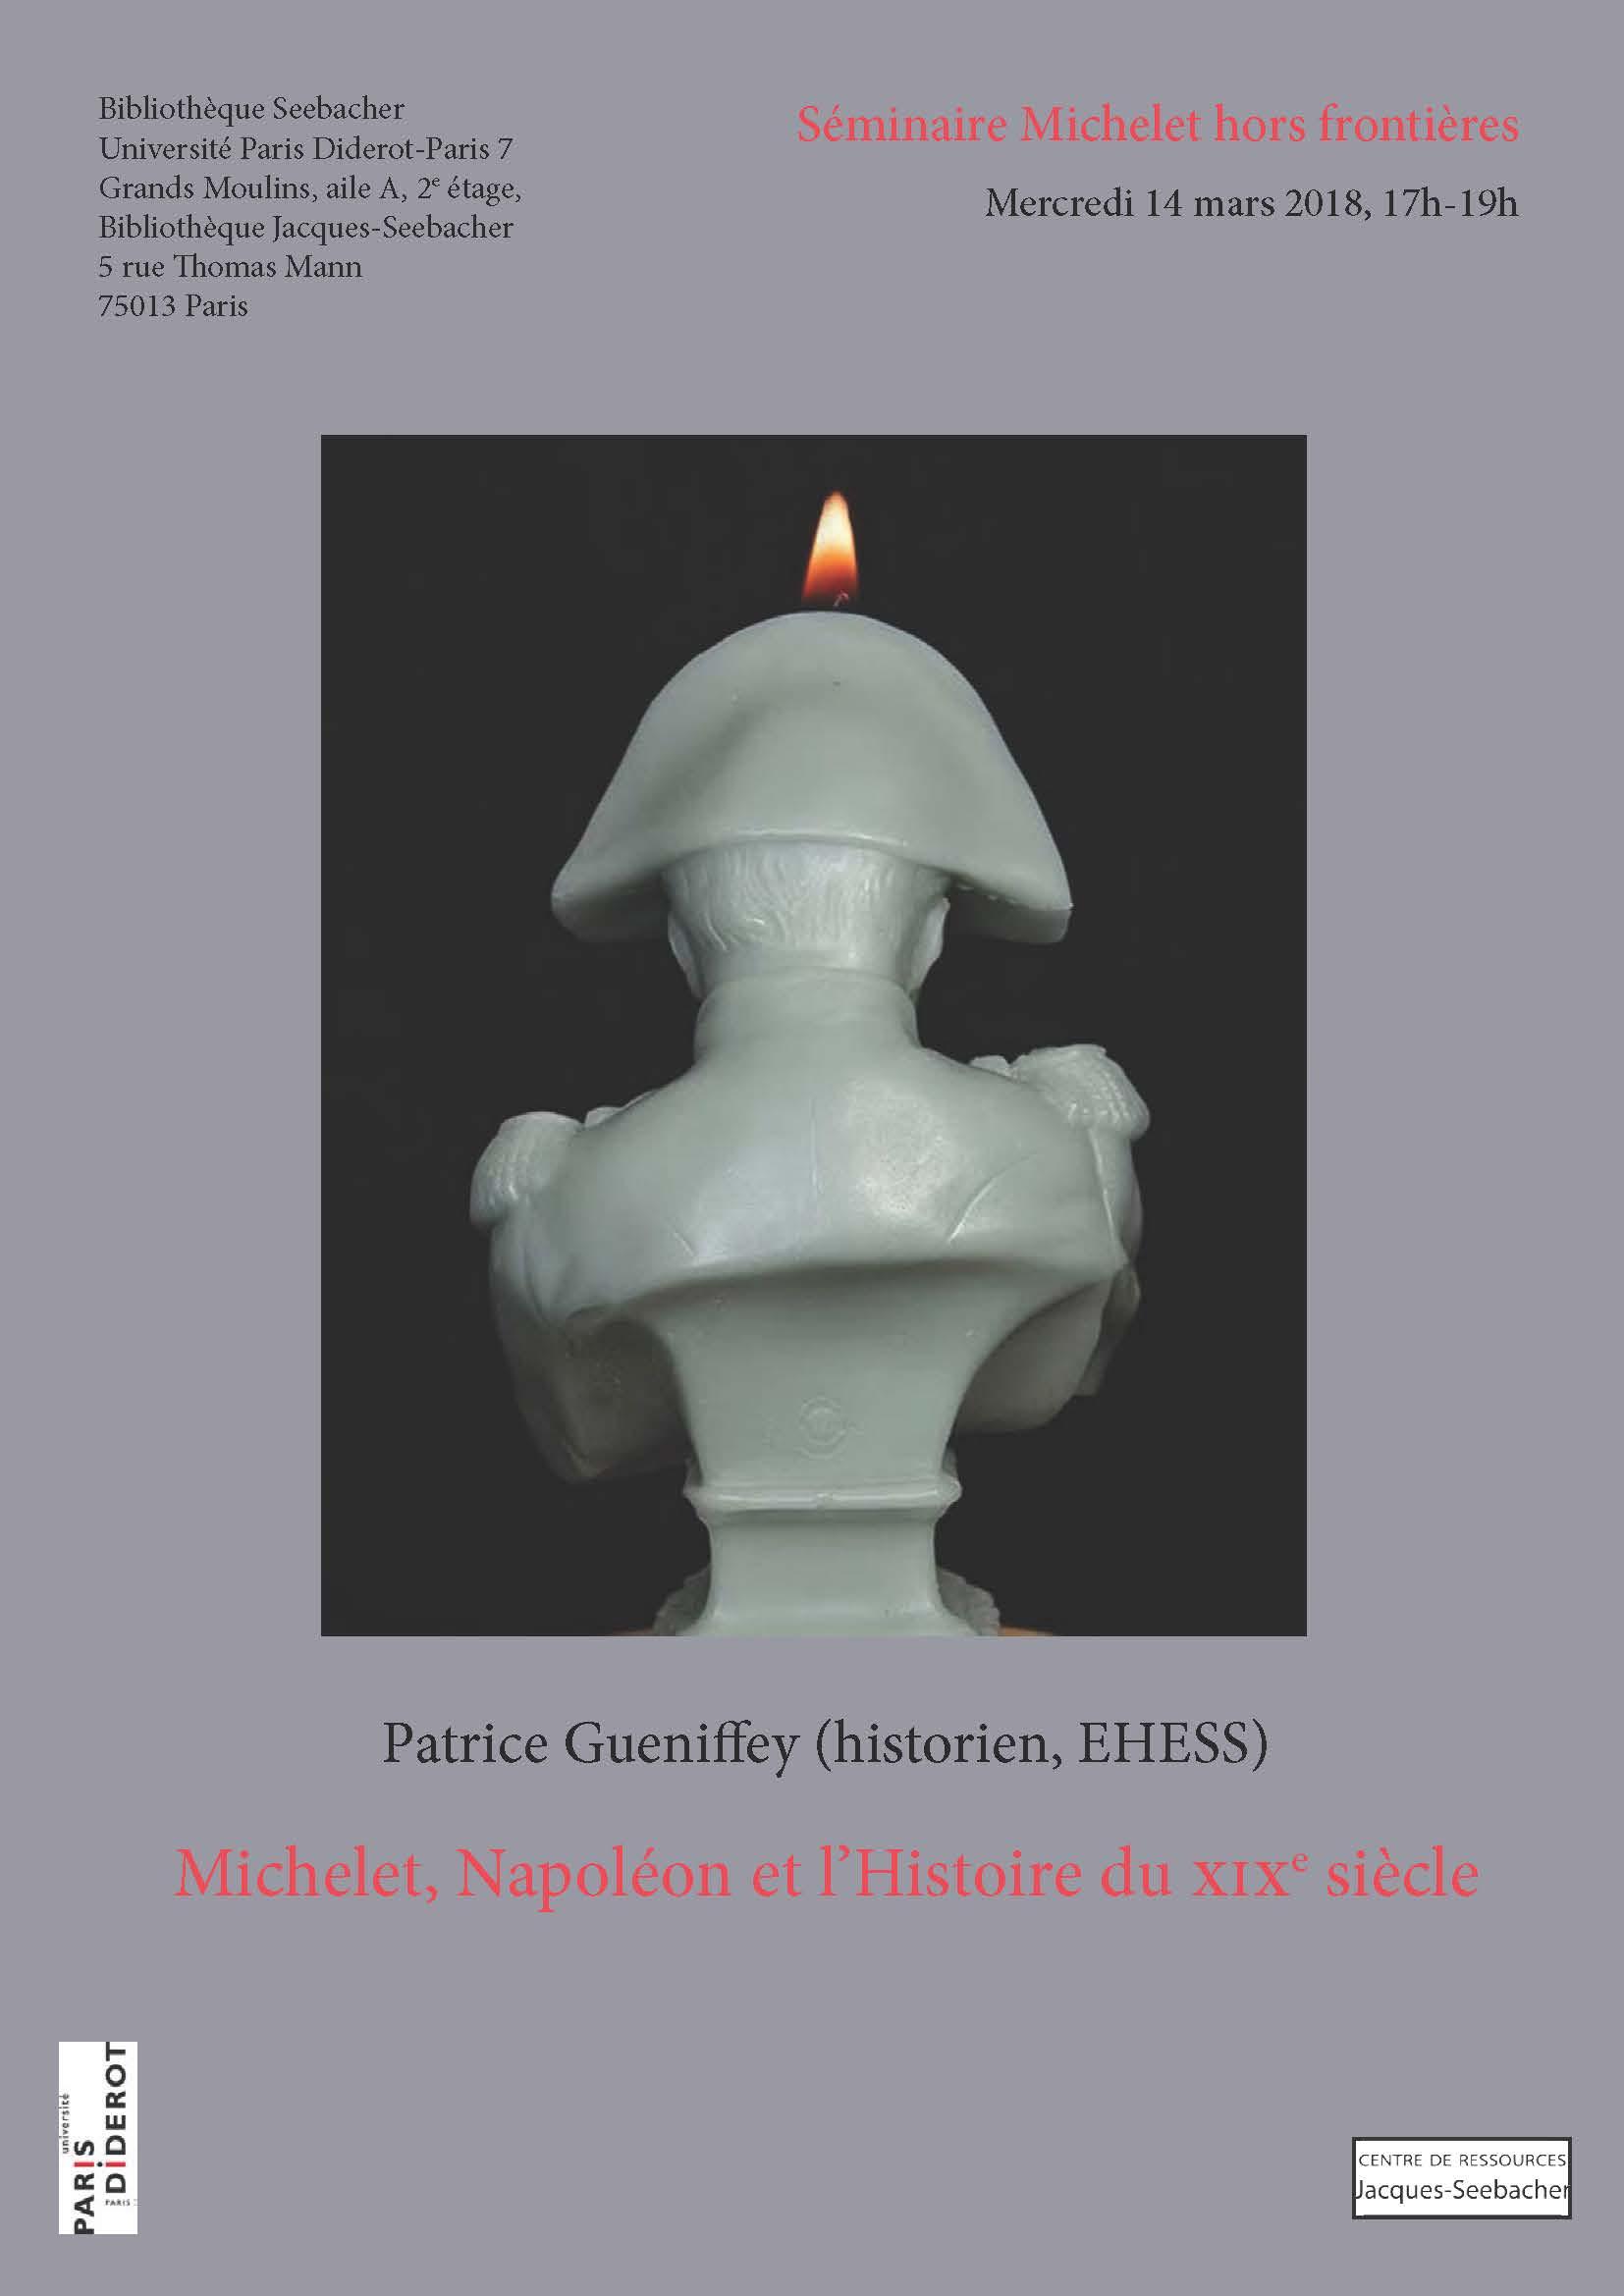 Affiche séance séminaire Michelet Patrice Gueniffey 14-03-2018